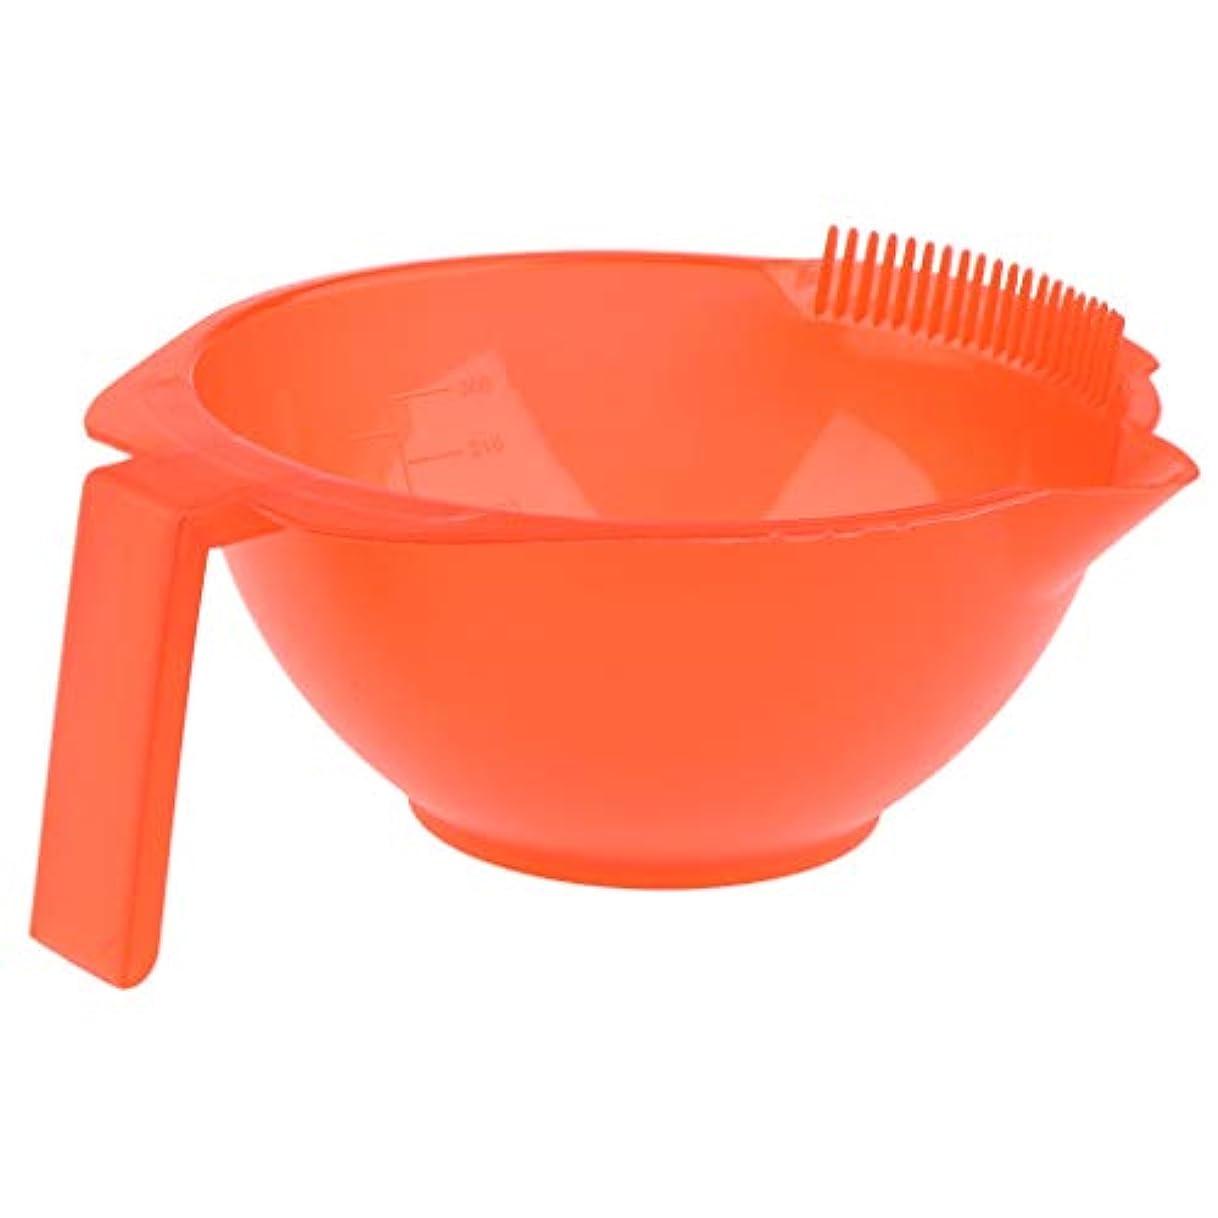 サーカス意味する割り当てるヘアダイボウル 髪の色ボール 理髪サロン ヘアダイミキシングボウル 5色選べ - 赤